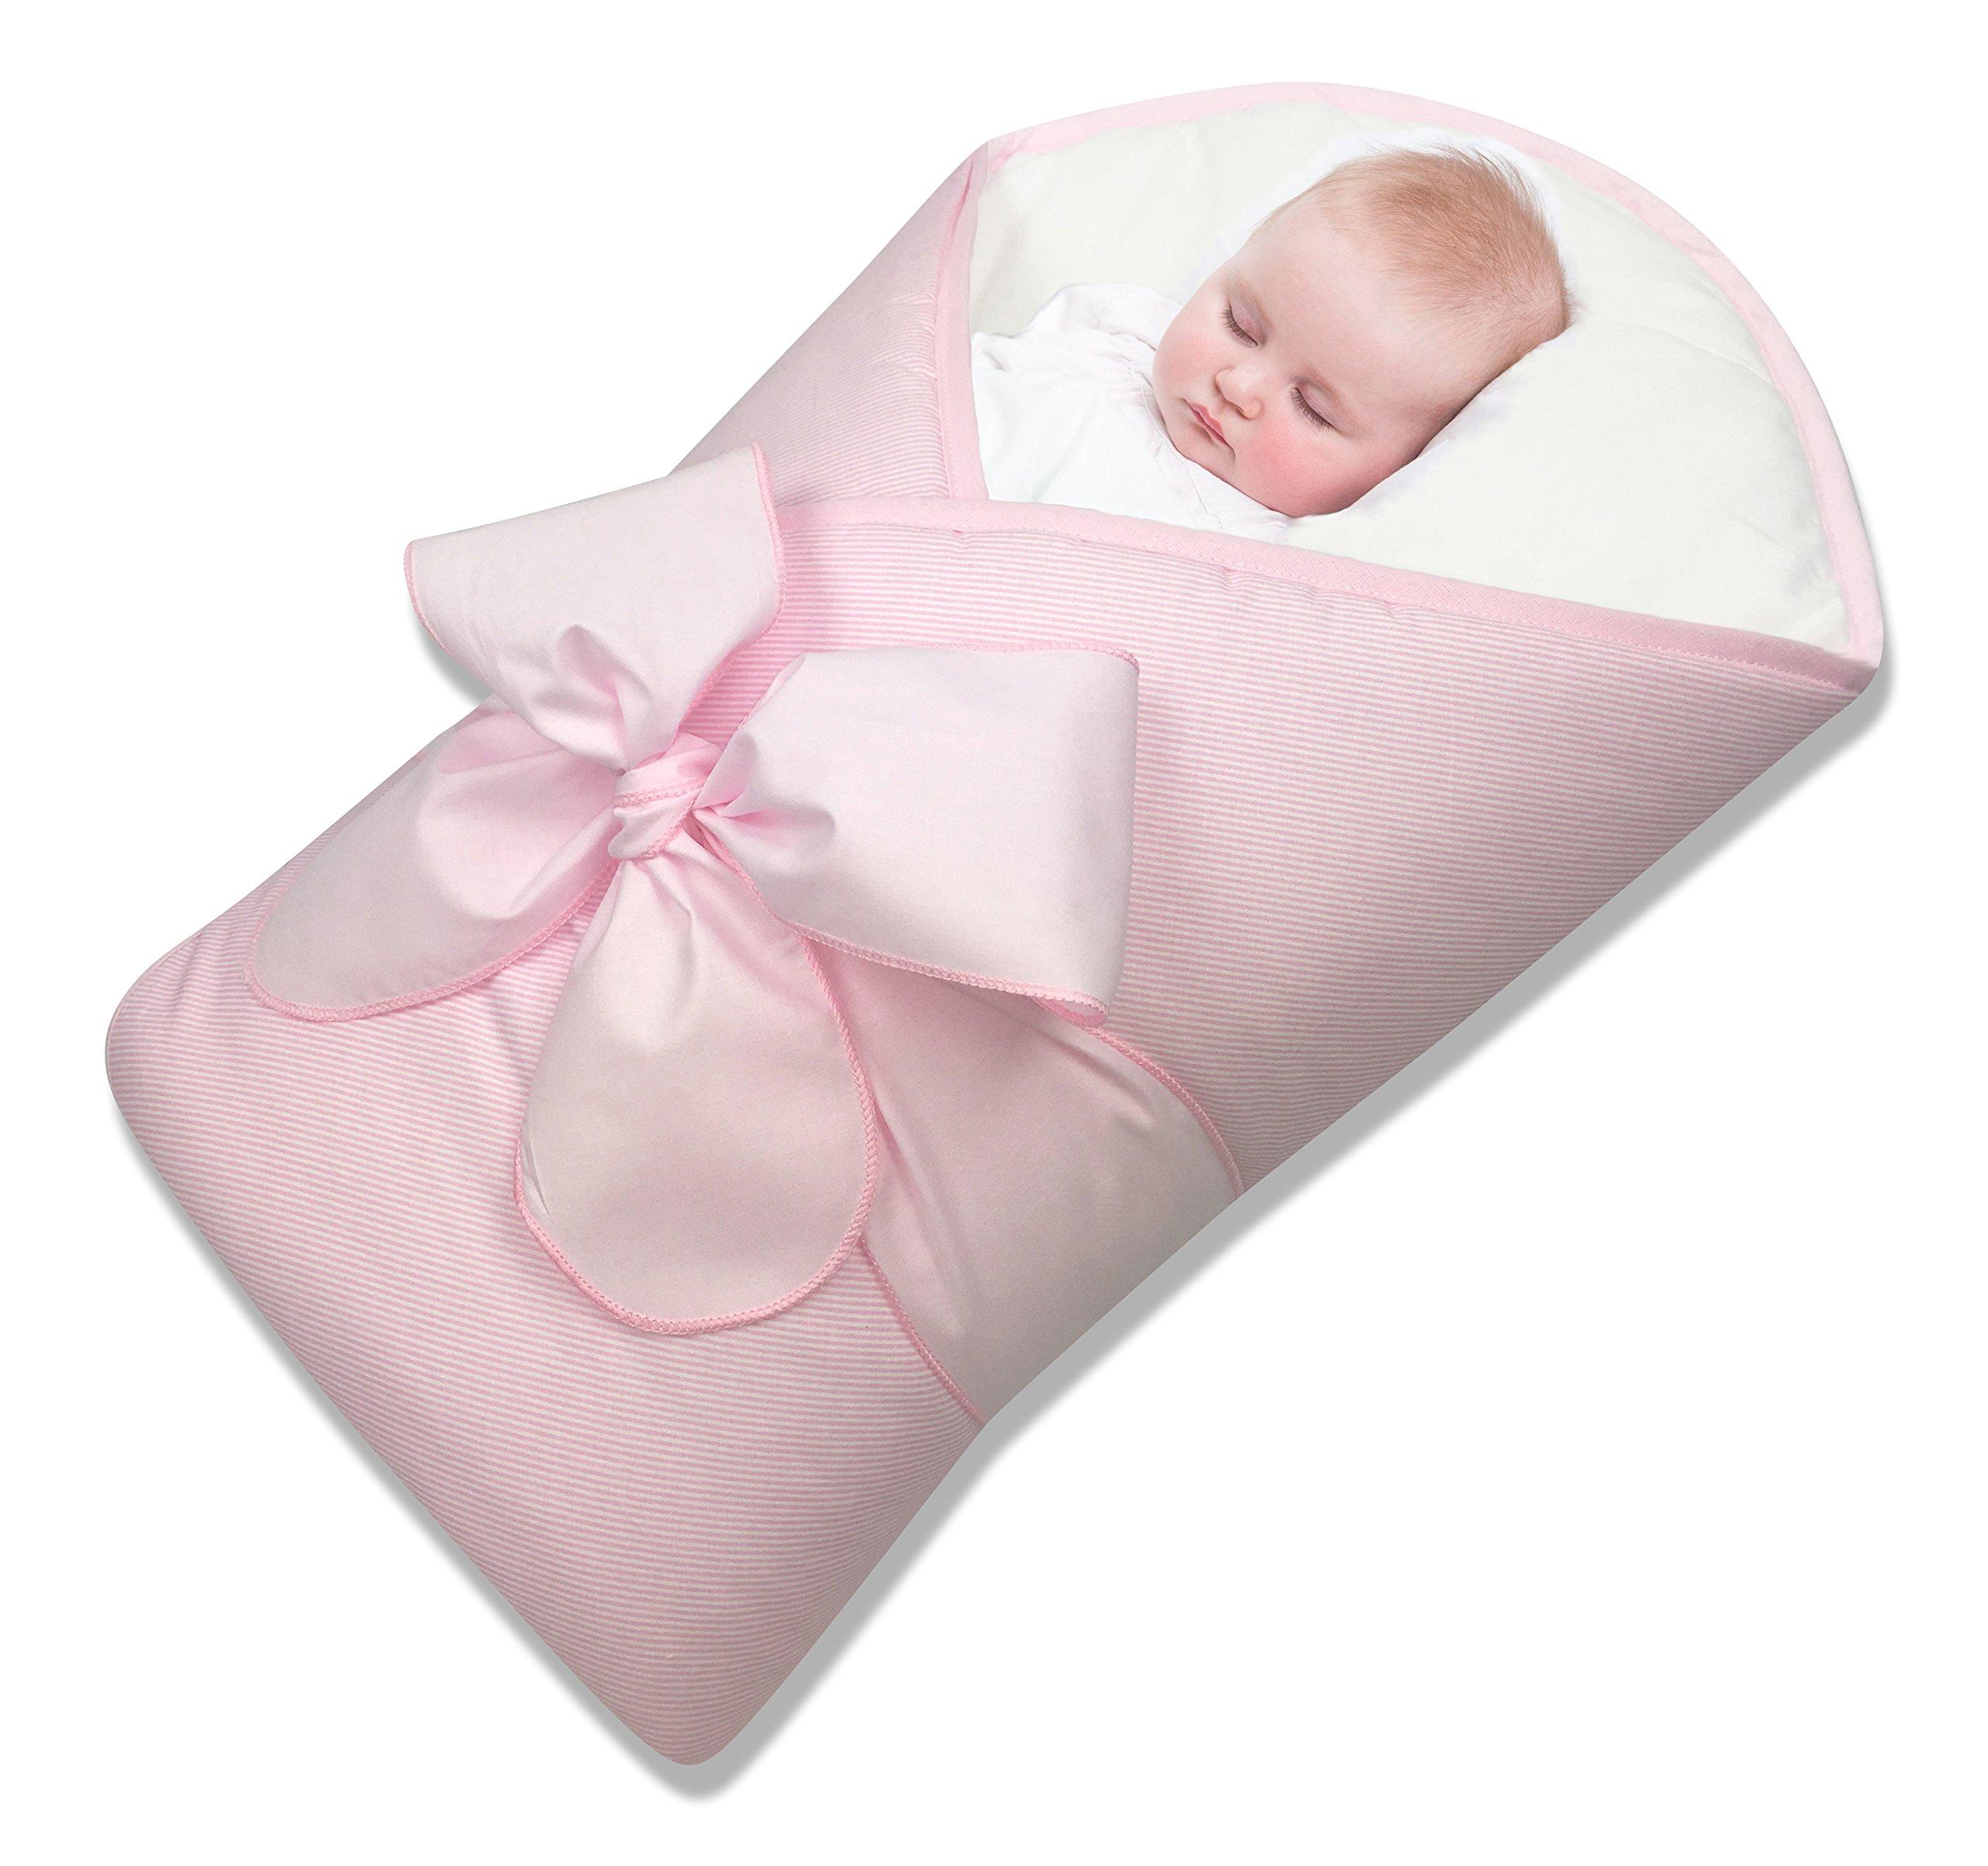 Amazon Com Bundlebee Baby Wrap Swaddle Blanket Feather